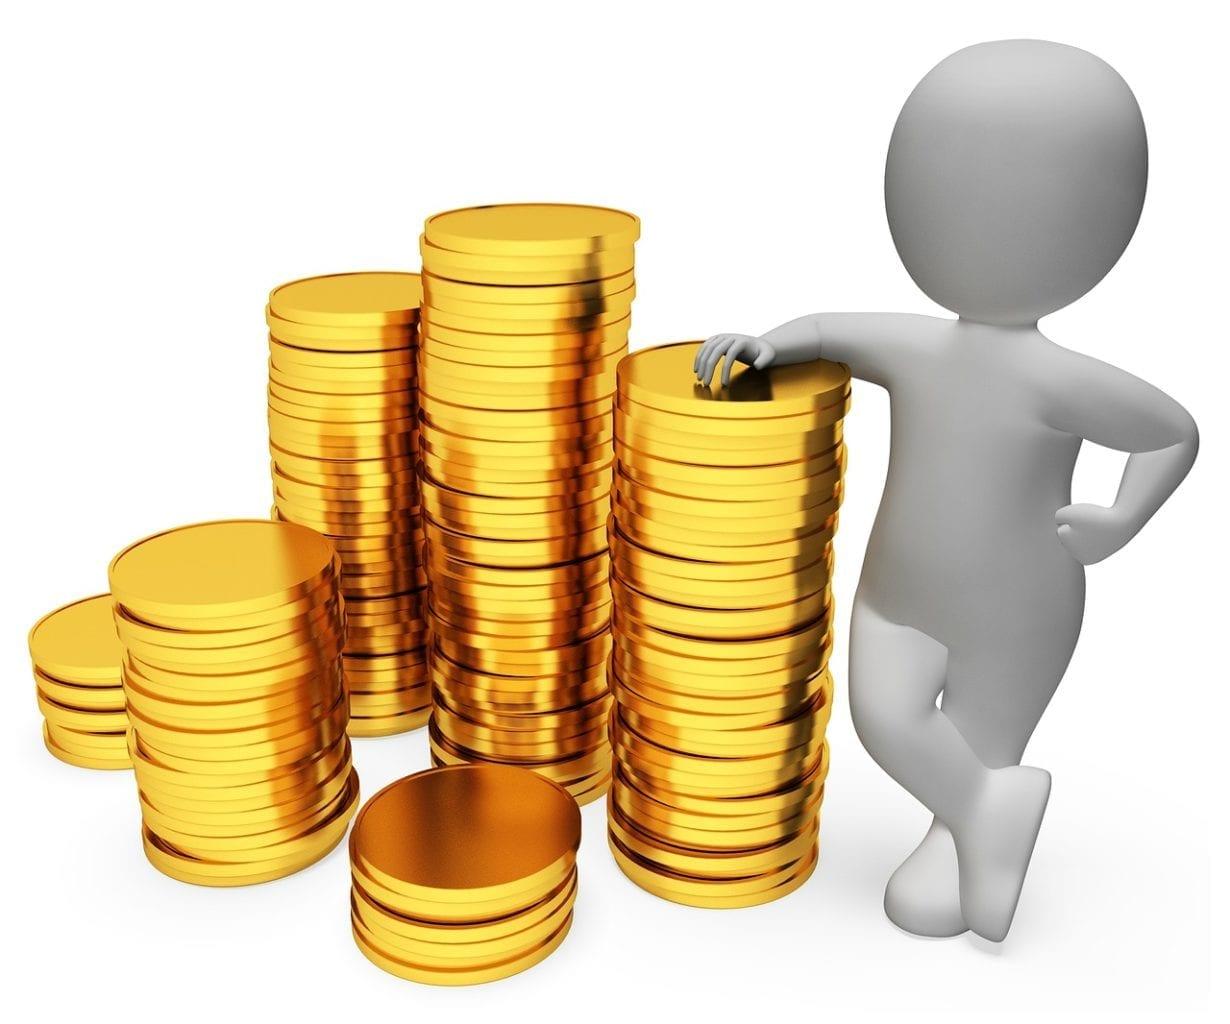 Seu dinheiro: confira [DUAS] formas de seu dinheiro valer mais